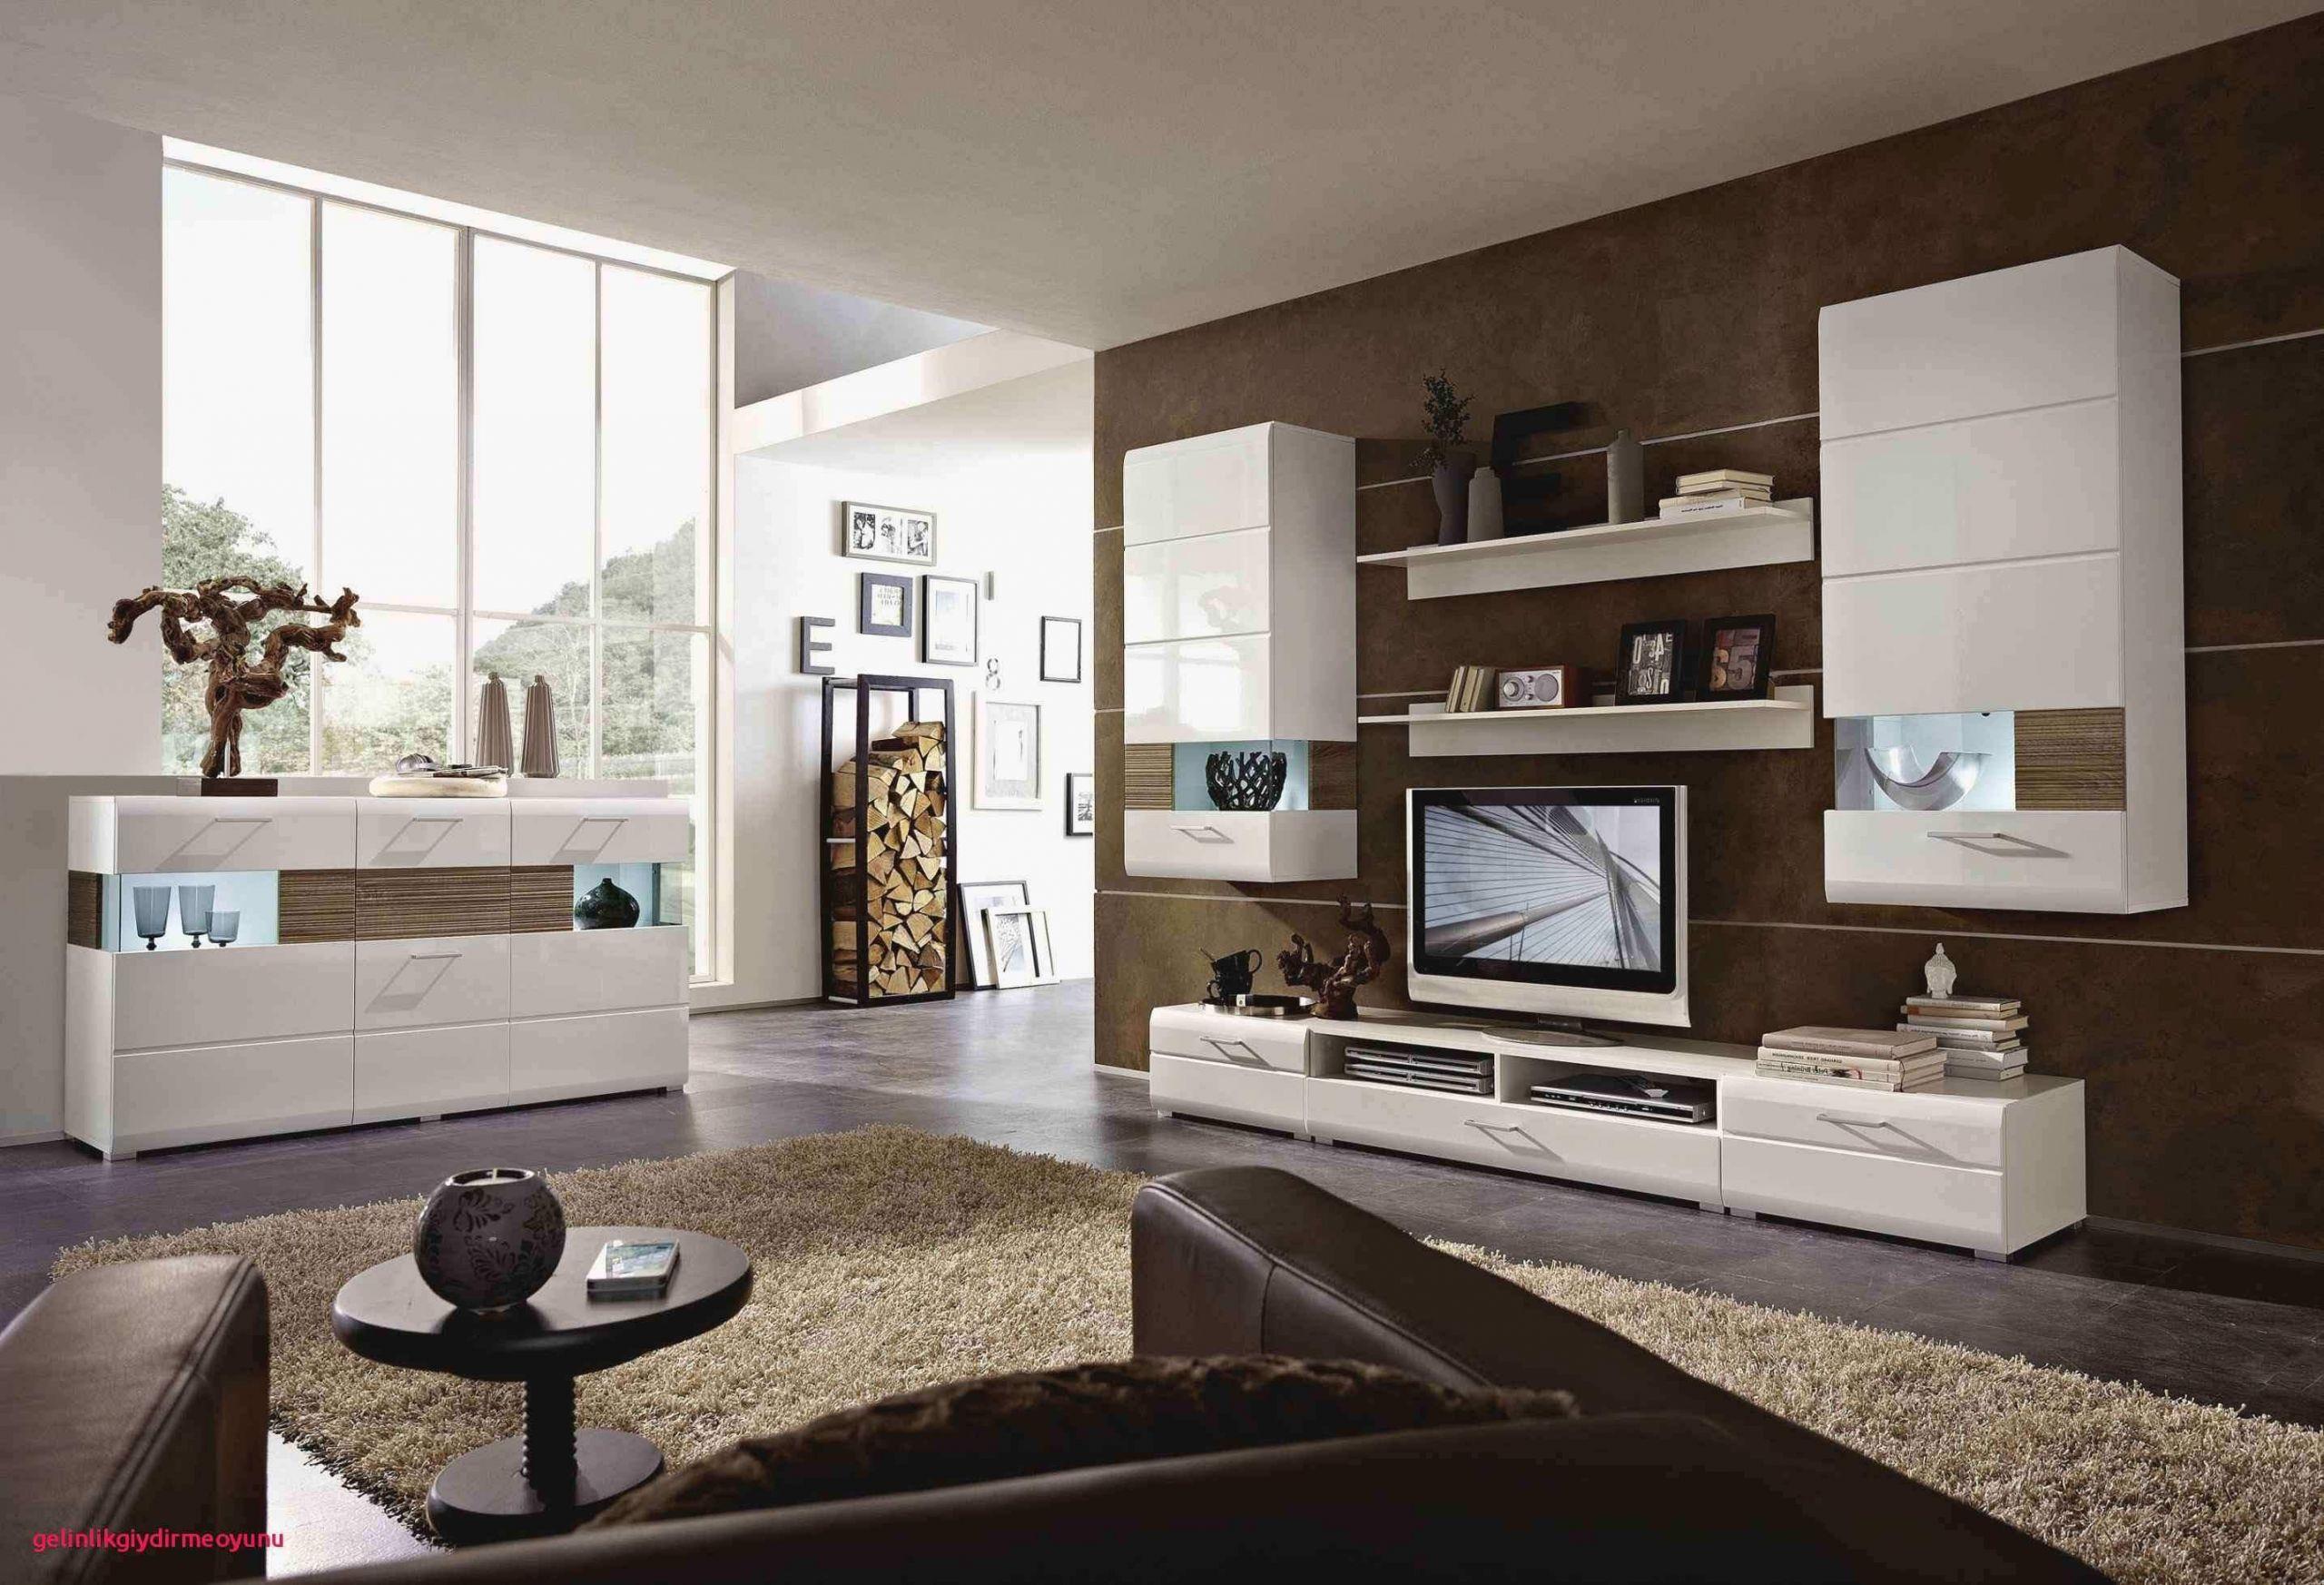 Full Size of Wohnzimmer Einrichten Modern Genial 50 Tolle Von Kleine Stehlampe Moderne Duschen Deckenleuchten Teppich Hängeleuchte Deckenleuchte Sideboard Heizkörper Wohnzimmer Wohnzimmer Einrichten Modern